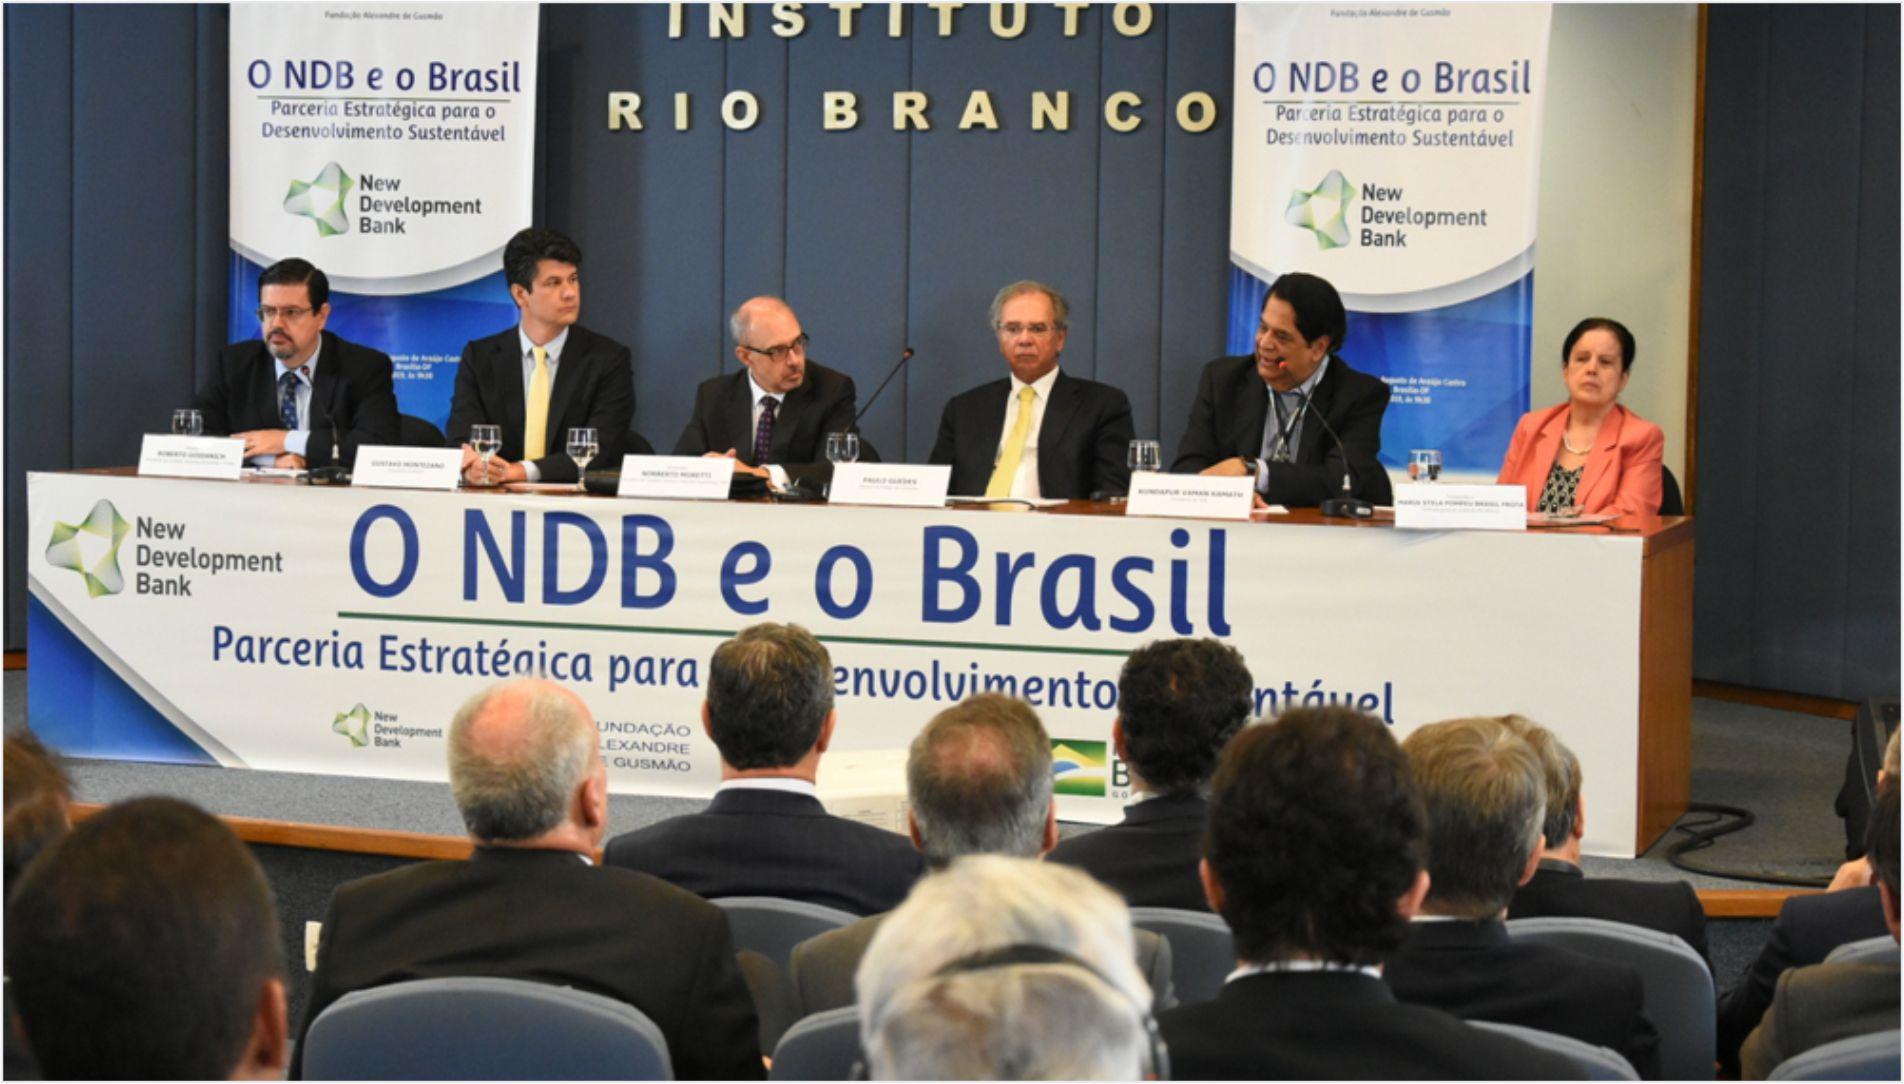 MRE e FUNAG realizam seminário sobre o NDB e o Brasil